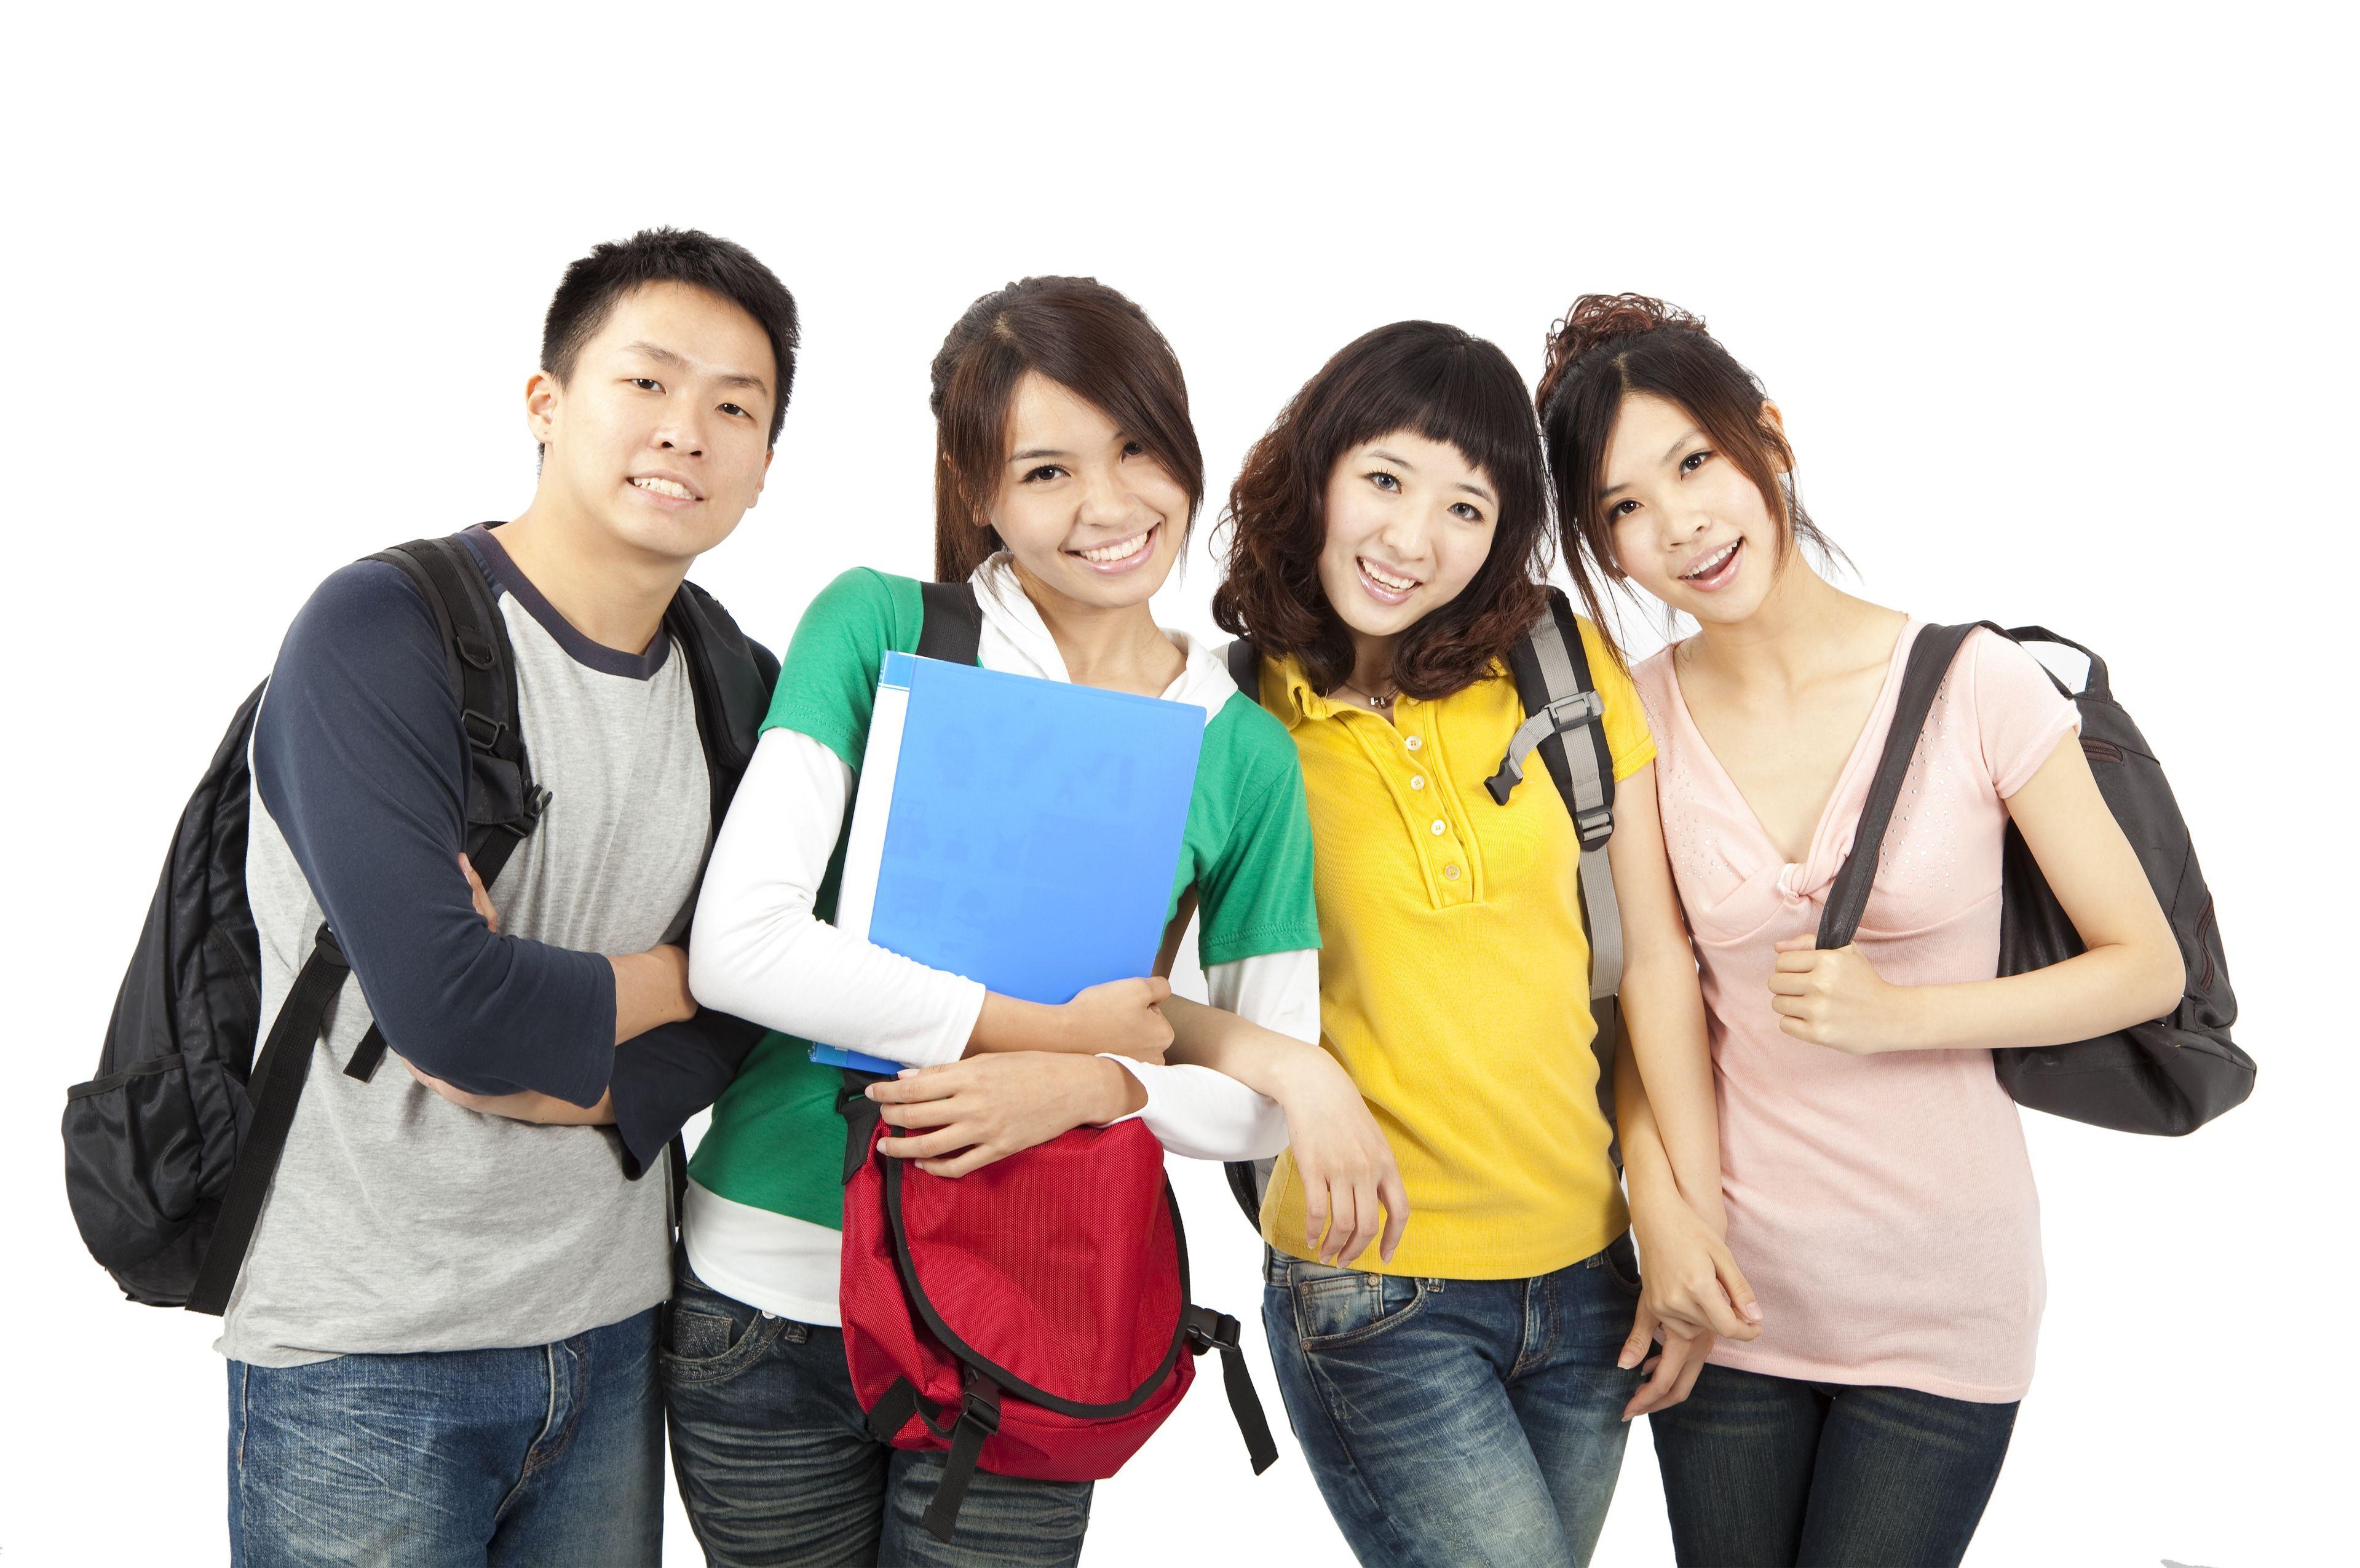 德明科大舉辦 新生幹部品格教育探索體驗營-公民素養